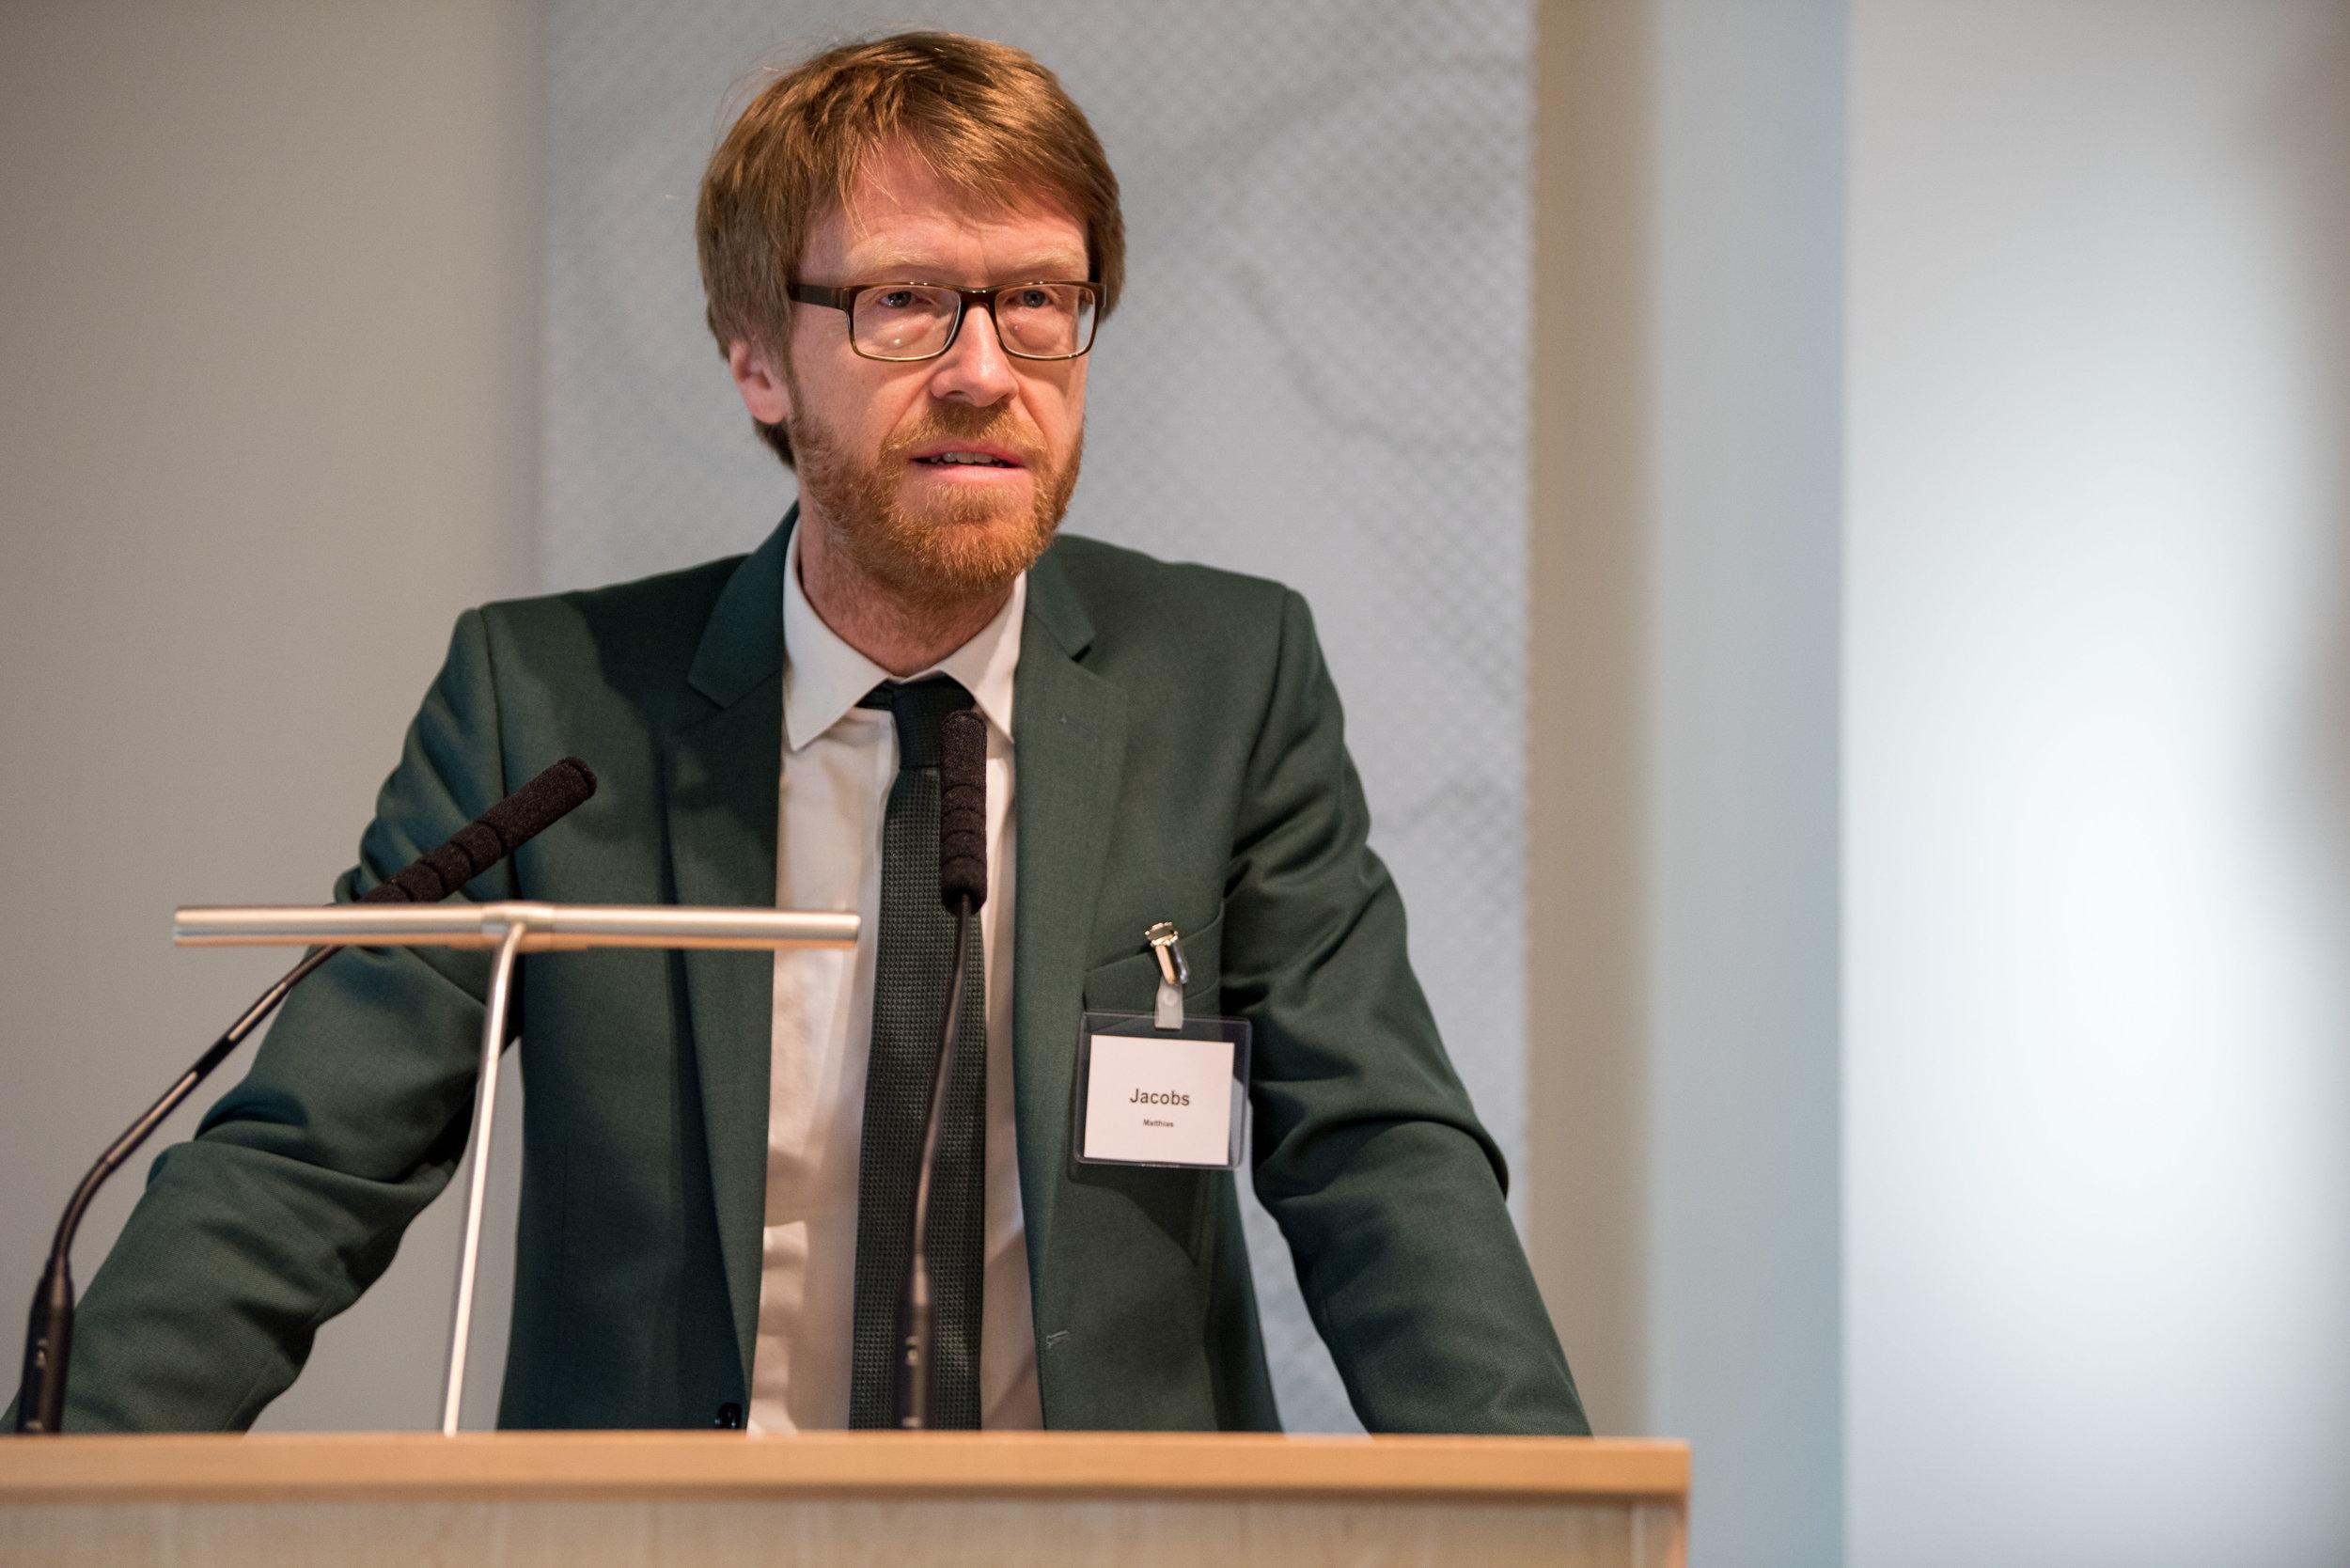 Gastgeber und Moderator des ersten Tages Professor Dr. Matthias Jacobs, Bucerius Law School, stellt die ersten Referenten vor.